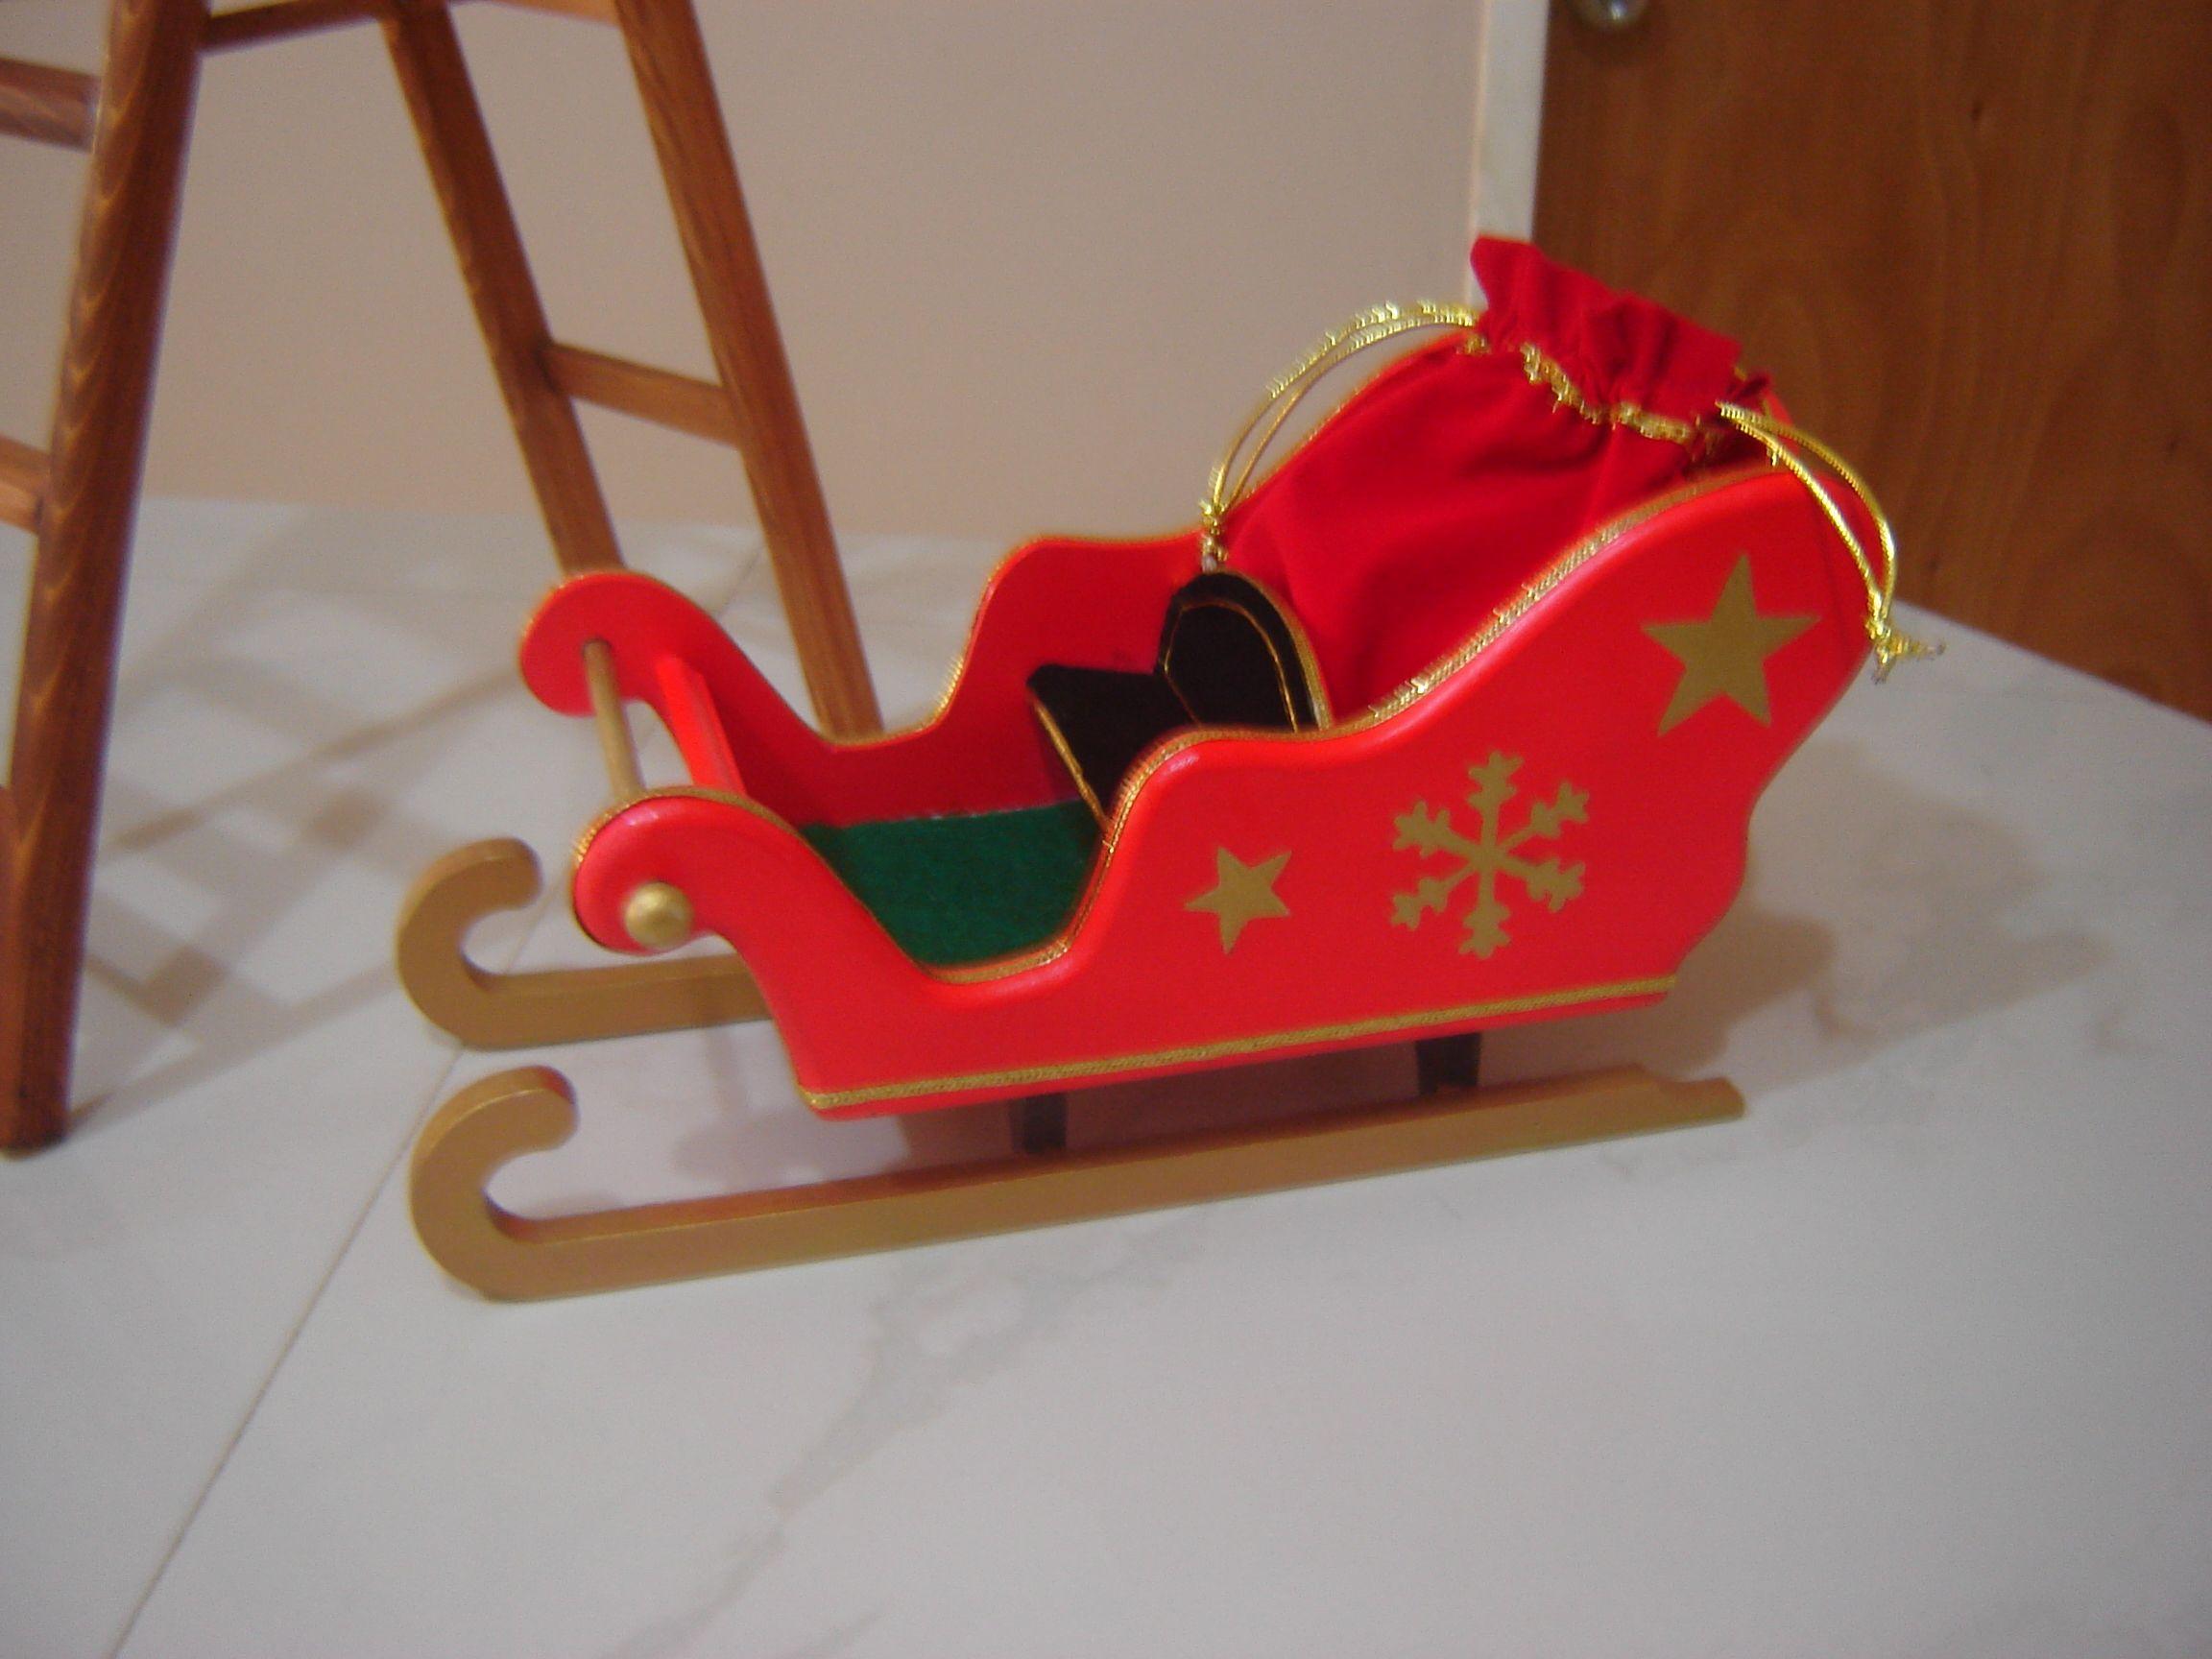 Trineo elaborado en mdf producto 100 artesanal mis for Trineo madera decoracion